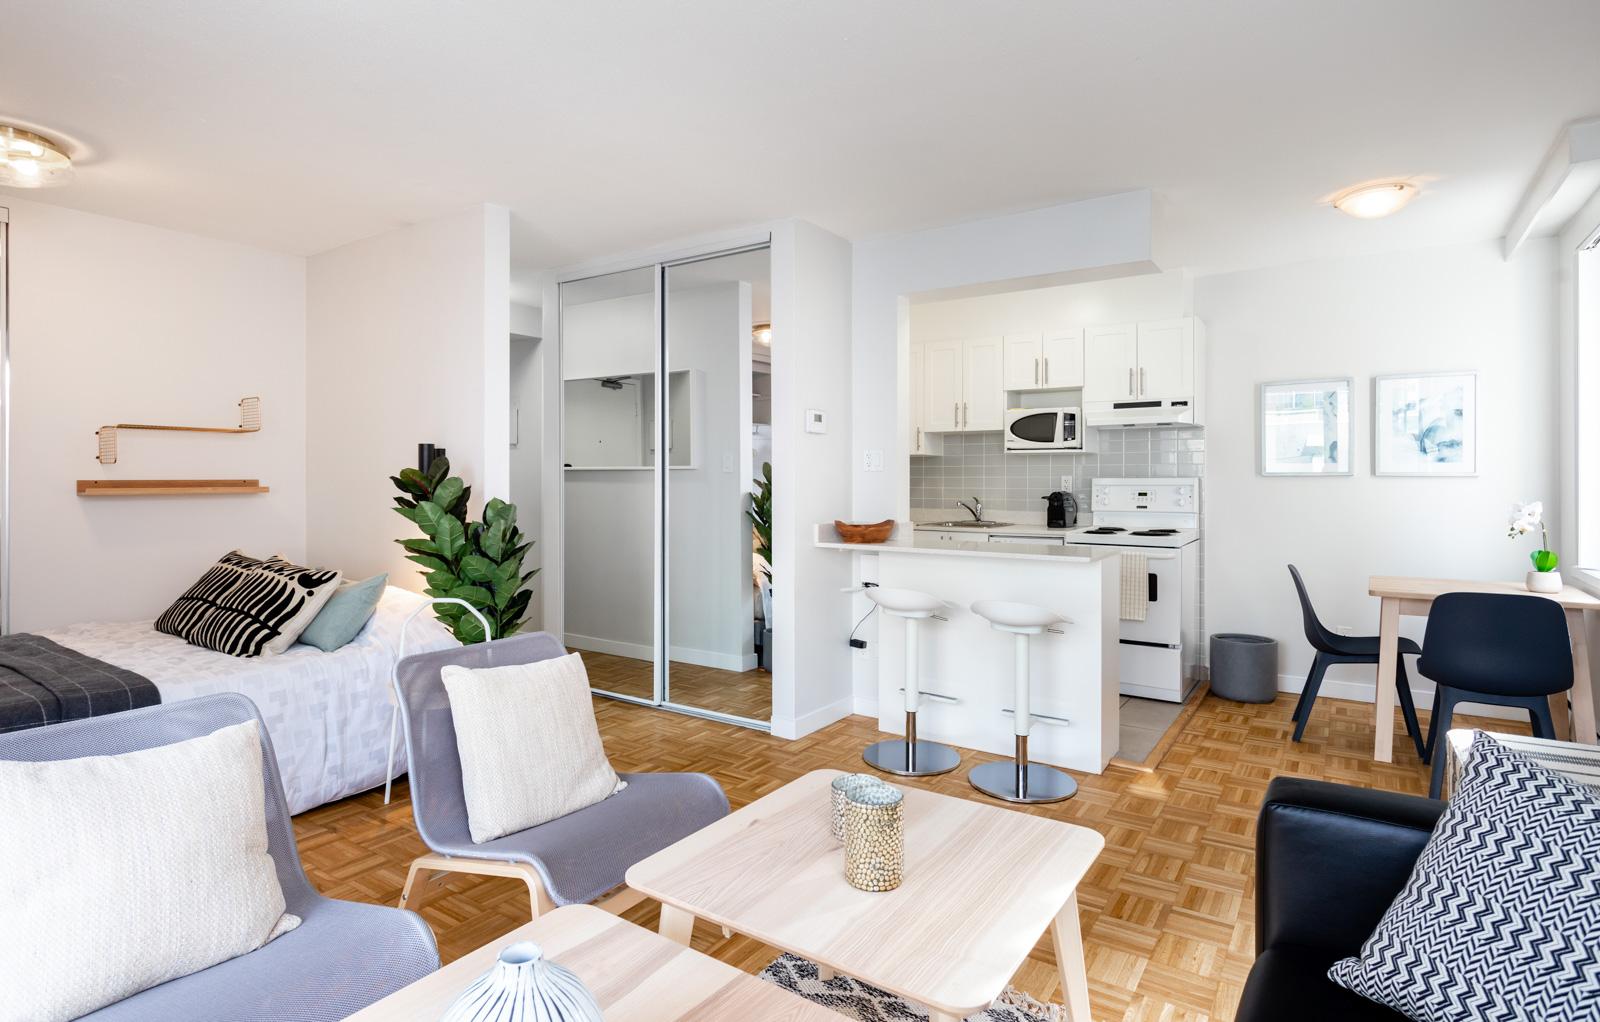 Hollyburn Somerset studio Furnished Rental living room 7 307